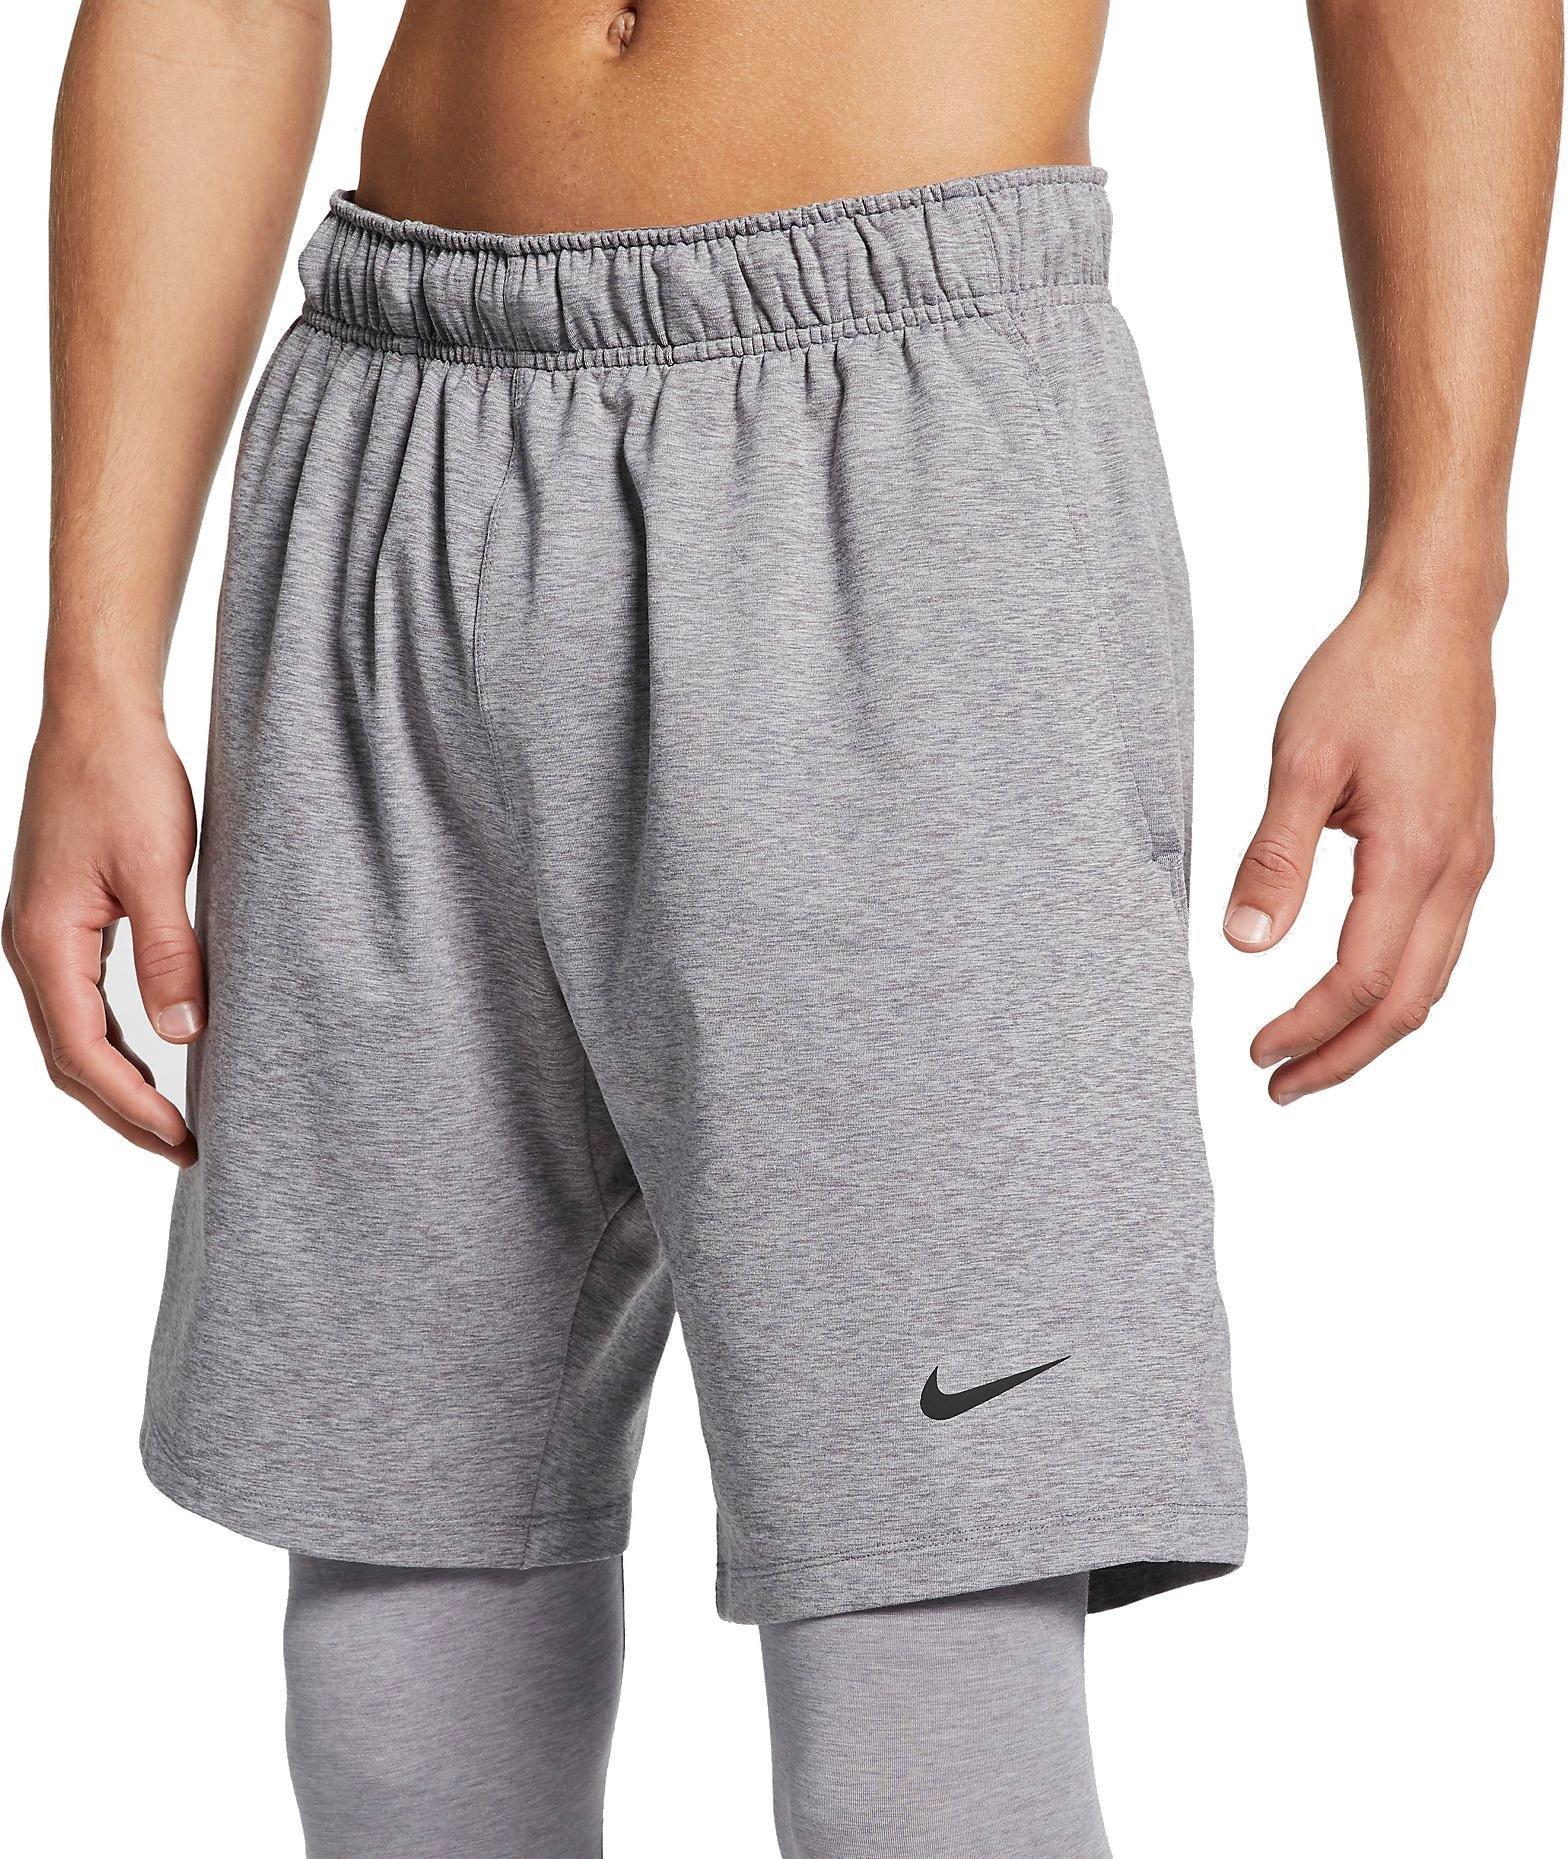 Pantalón corto Nike M NK DRY SHORT HPRDRY LT